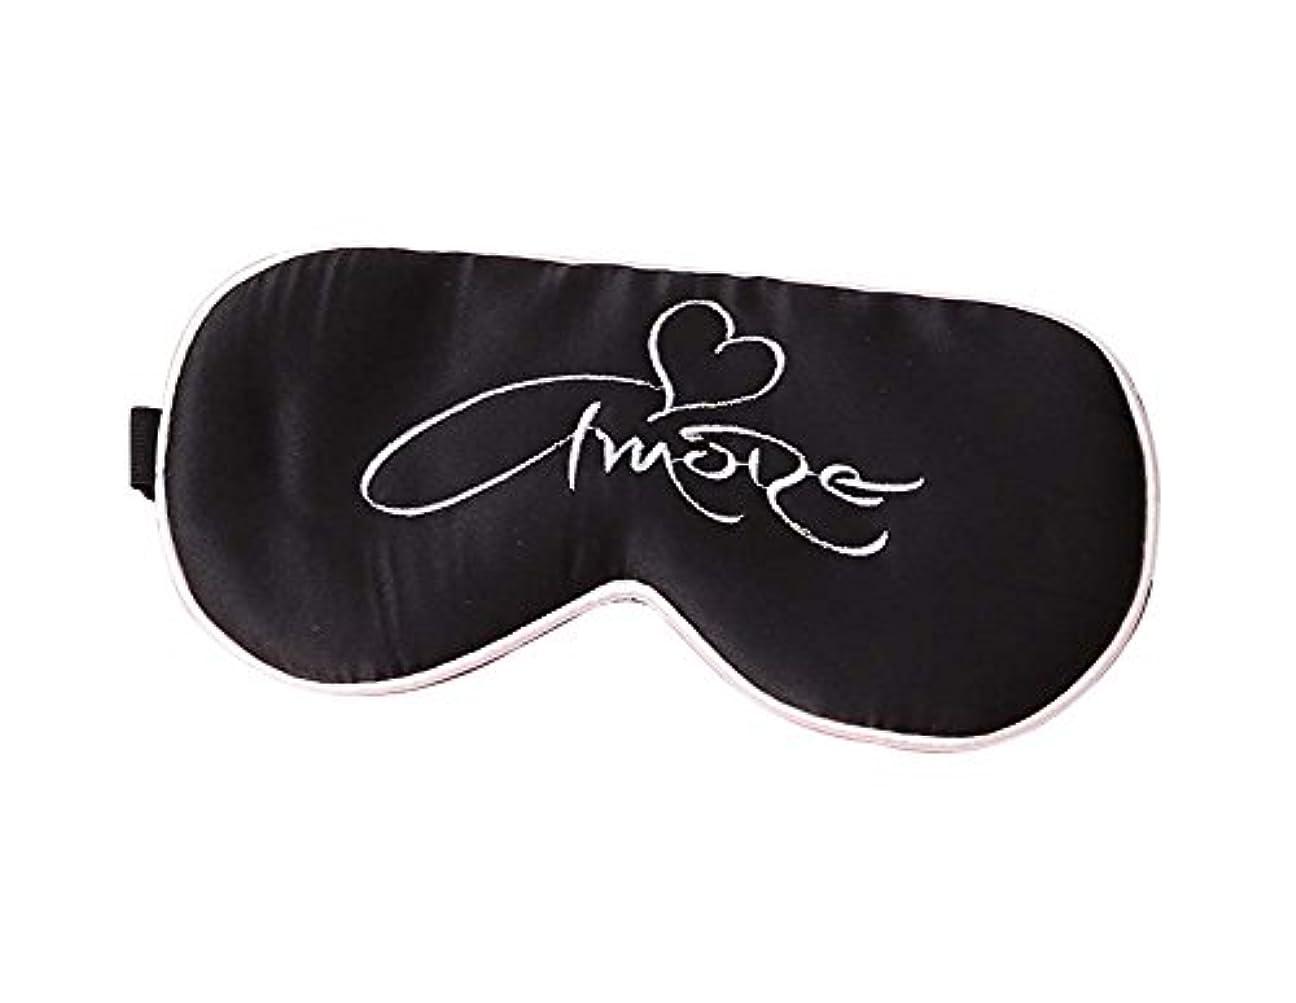 水没仲間紳士気取りの、きざな黒い刺繍睡眠のアイマスクシルク快適なアイカバー通気性のアイシェード